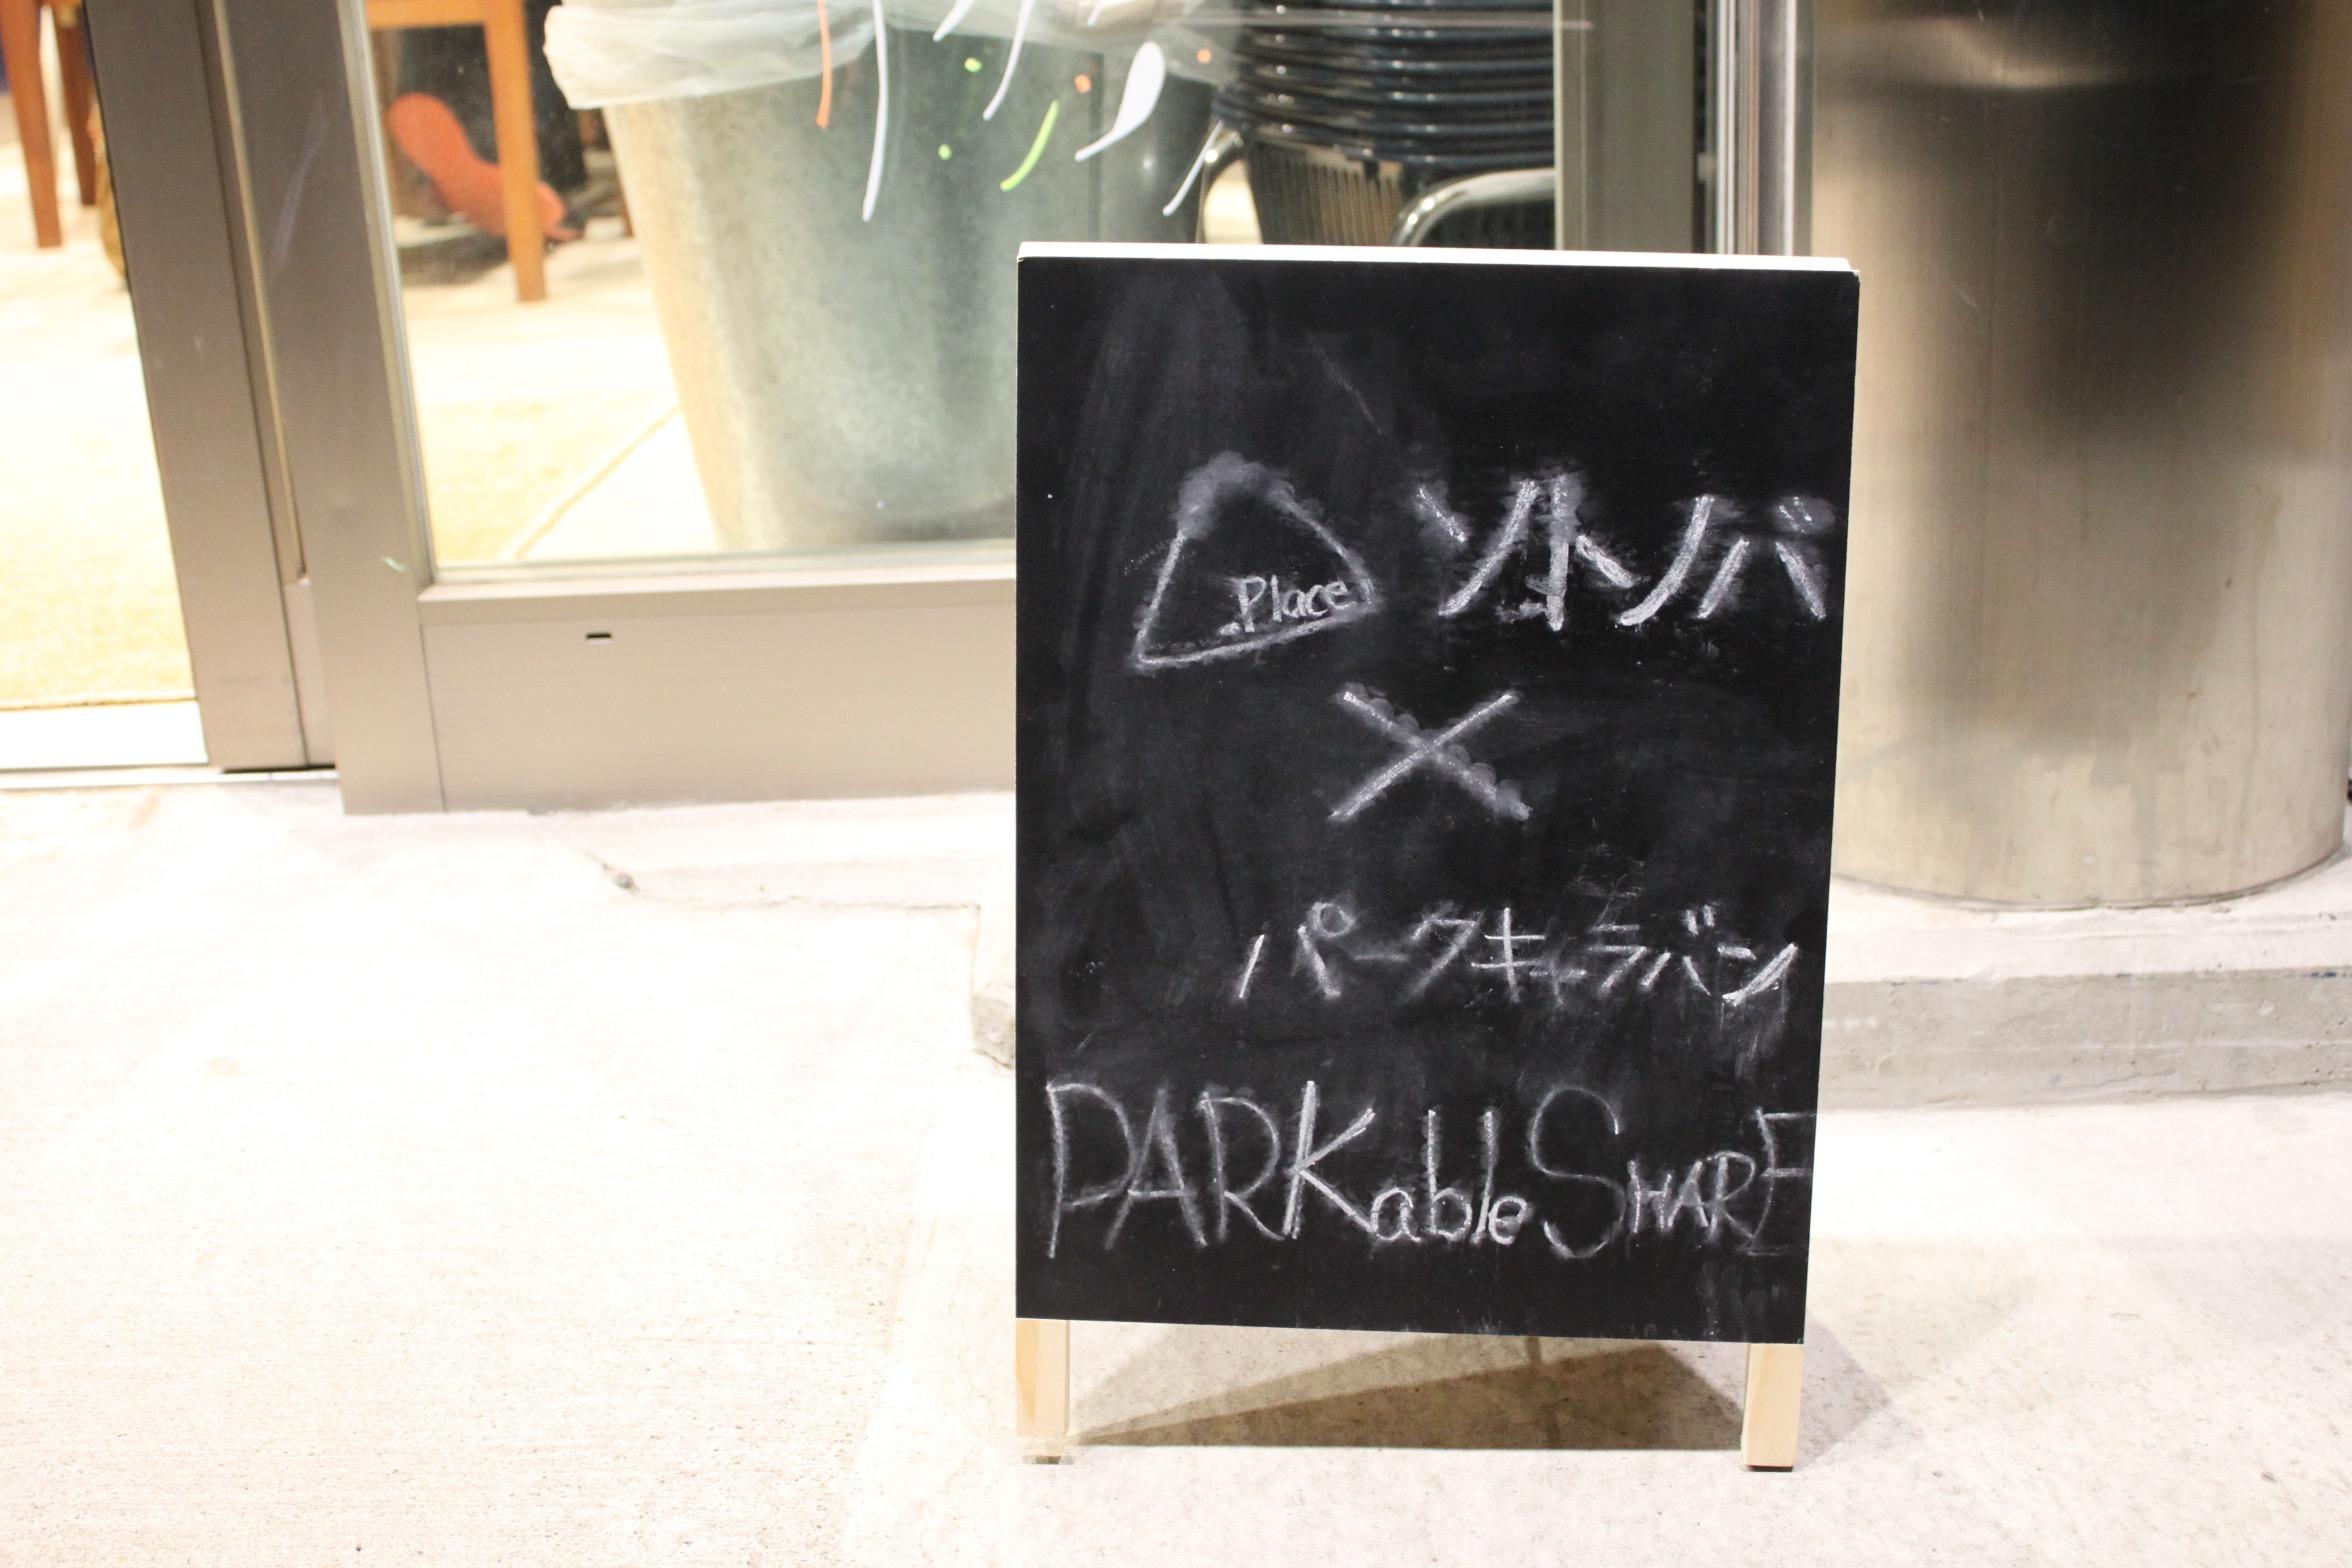 横浜公園内(横浜スタジアム内)にある+B BALLPARK COFFEEにて